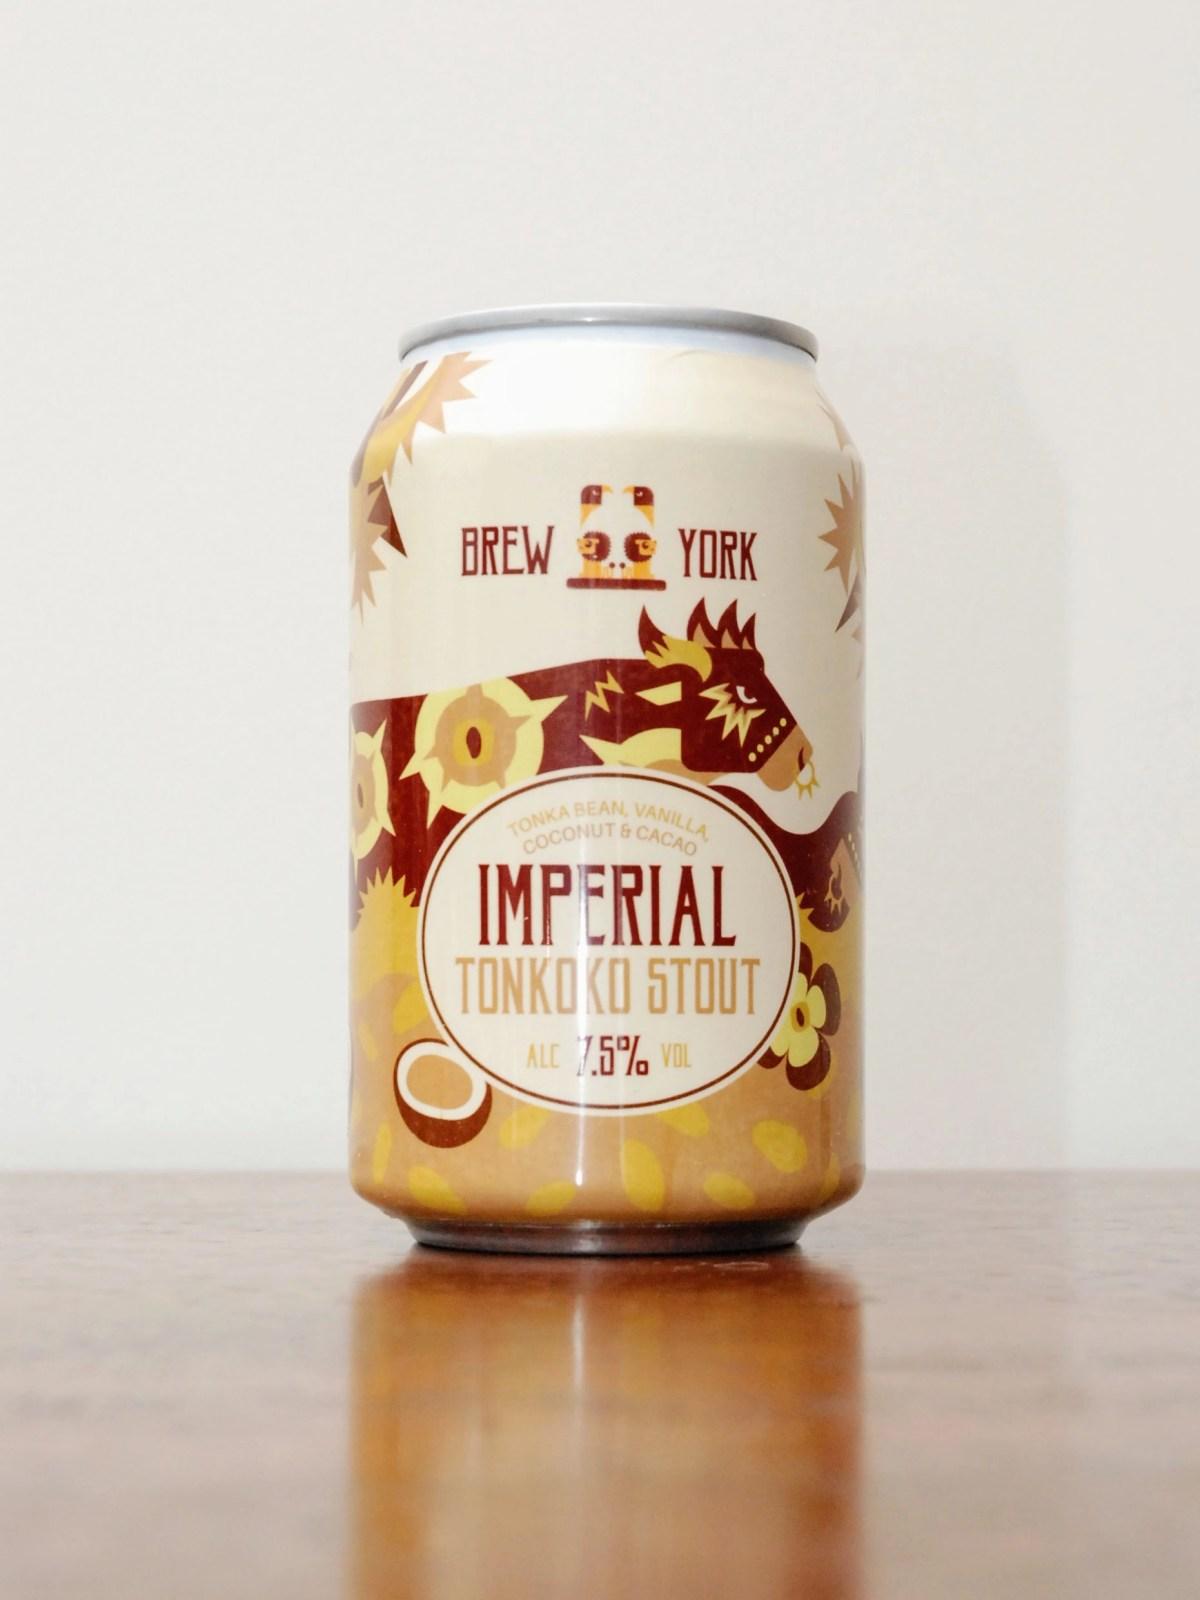 Brew York, Imperial Tonkoko Stout